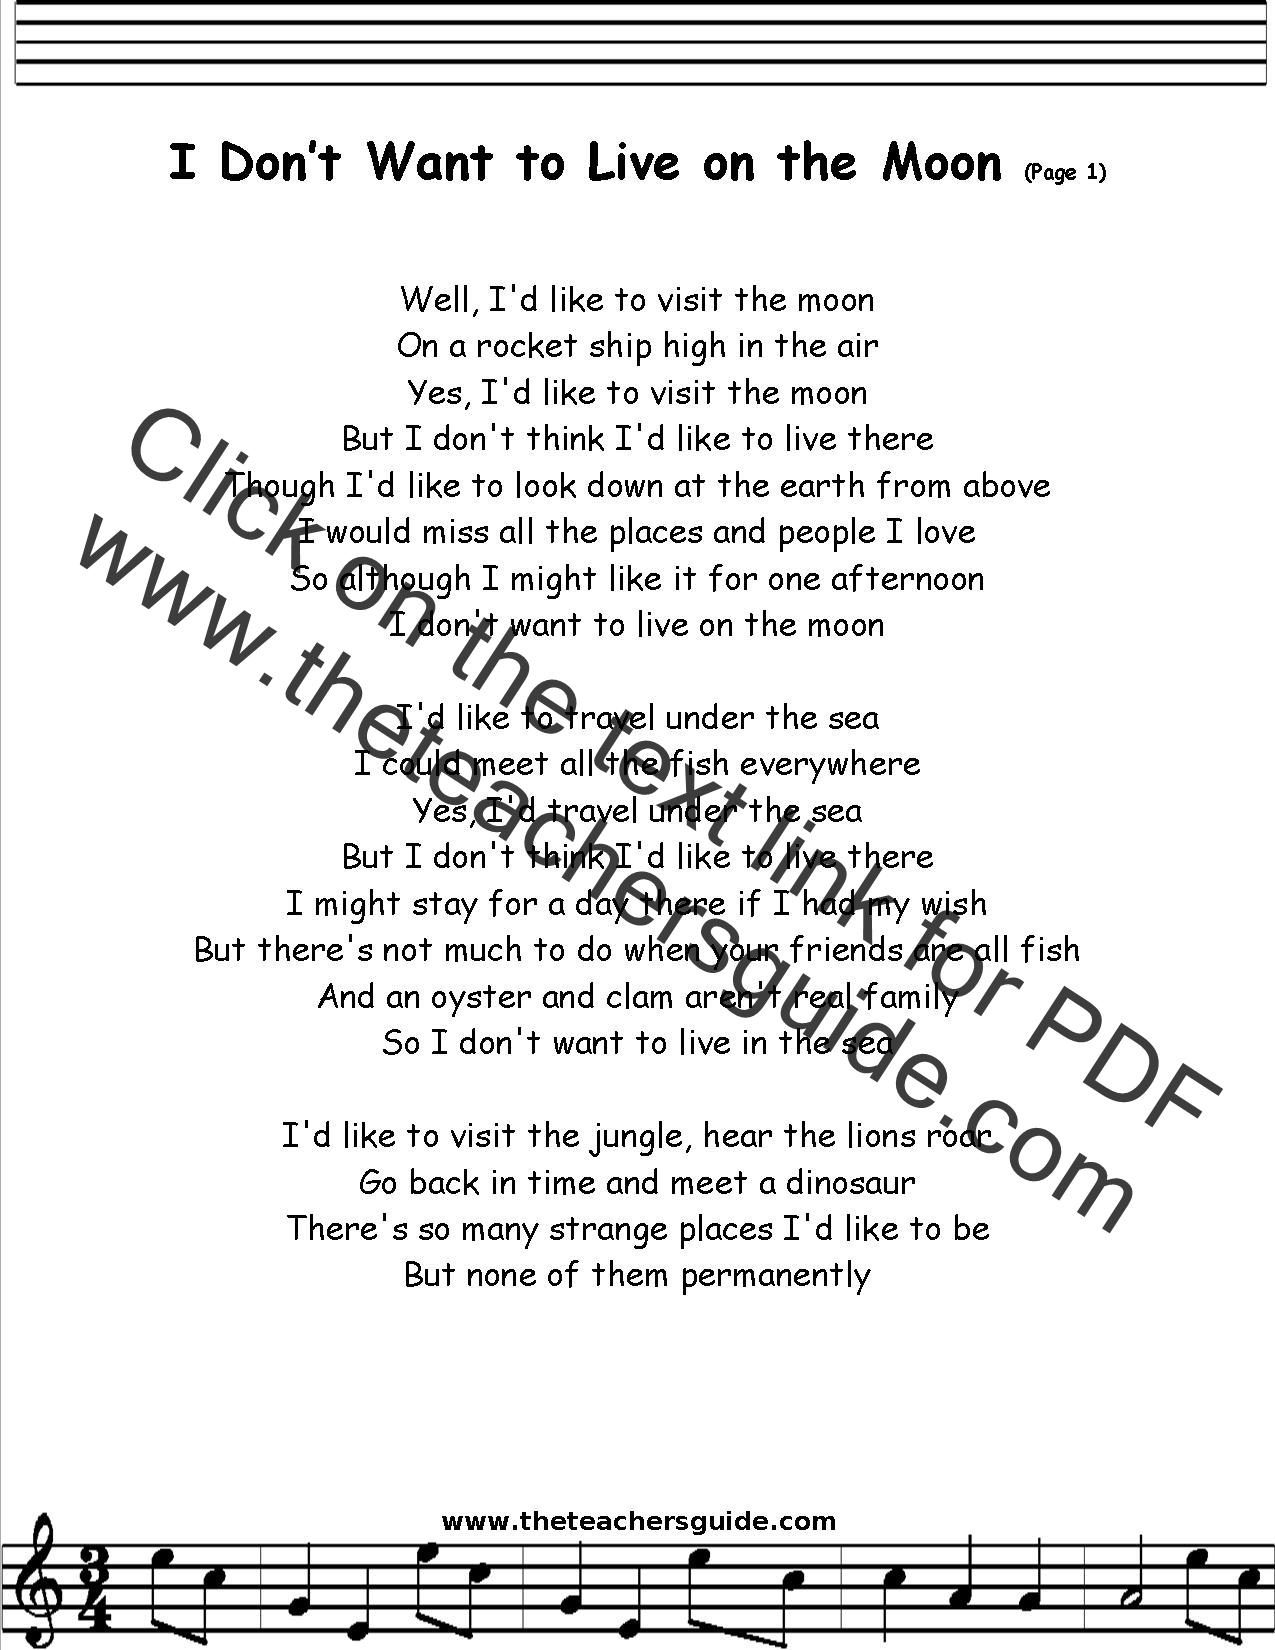 i want back lyrics